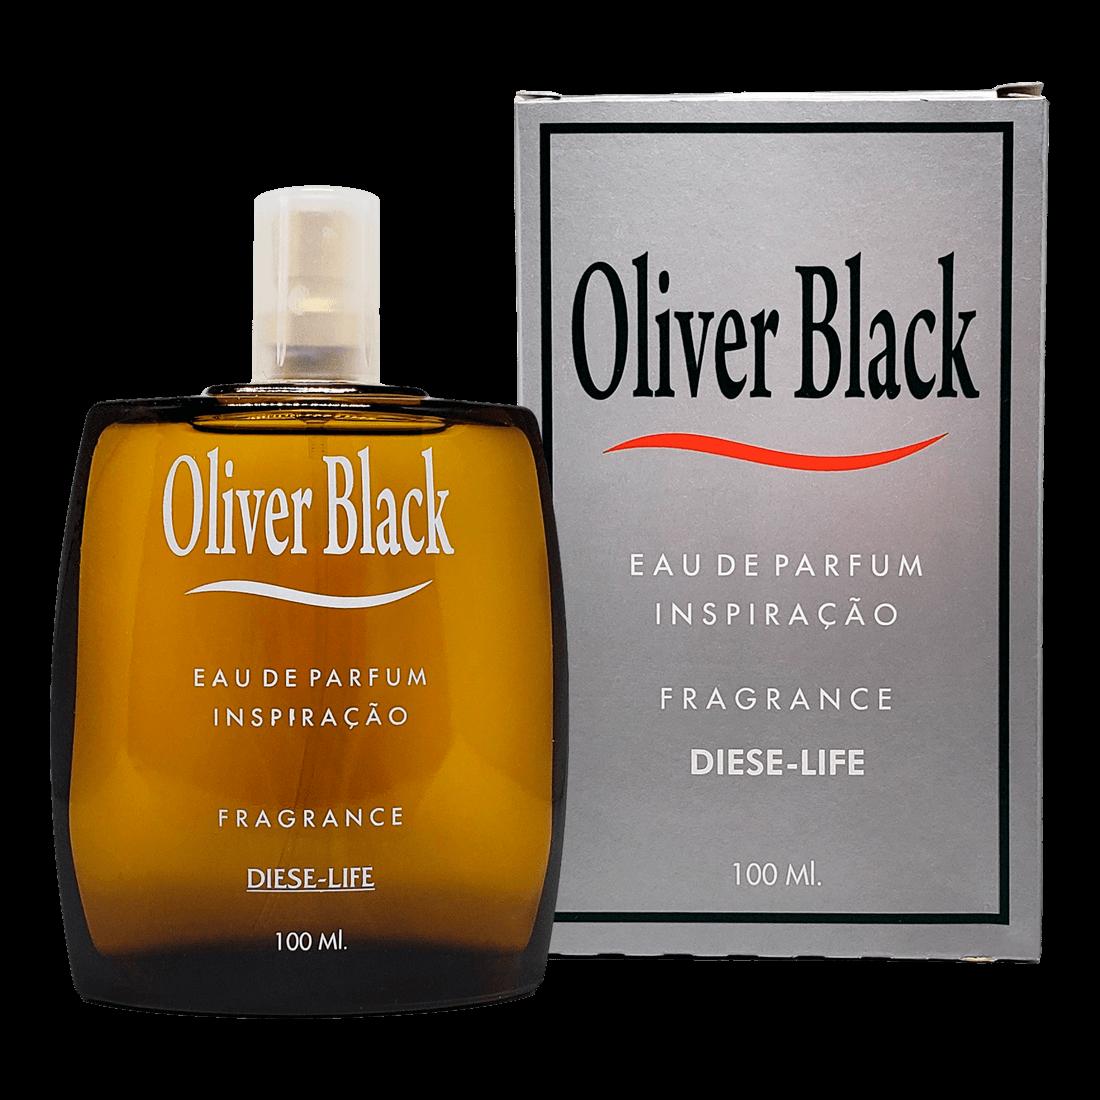 OLIVER BLACK EAU DE PARFUM FRAGRANCE DIESE LIFE